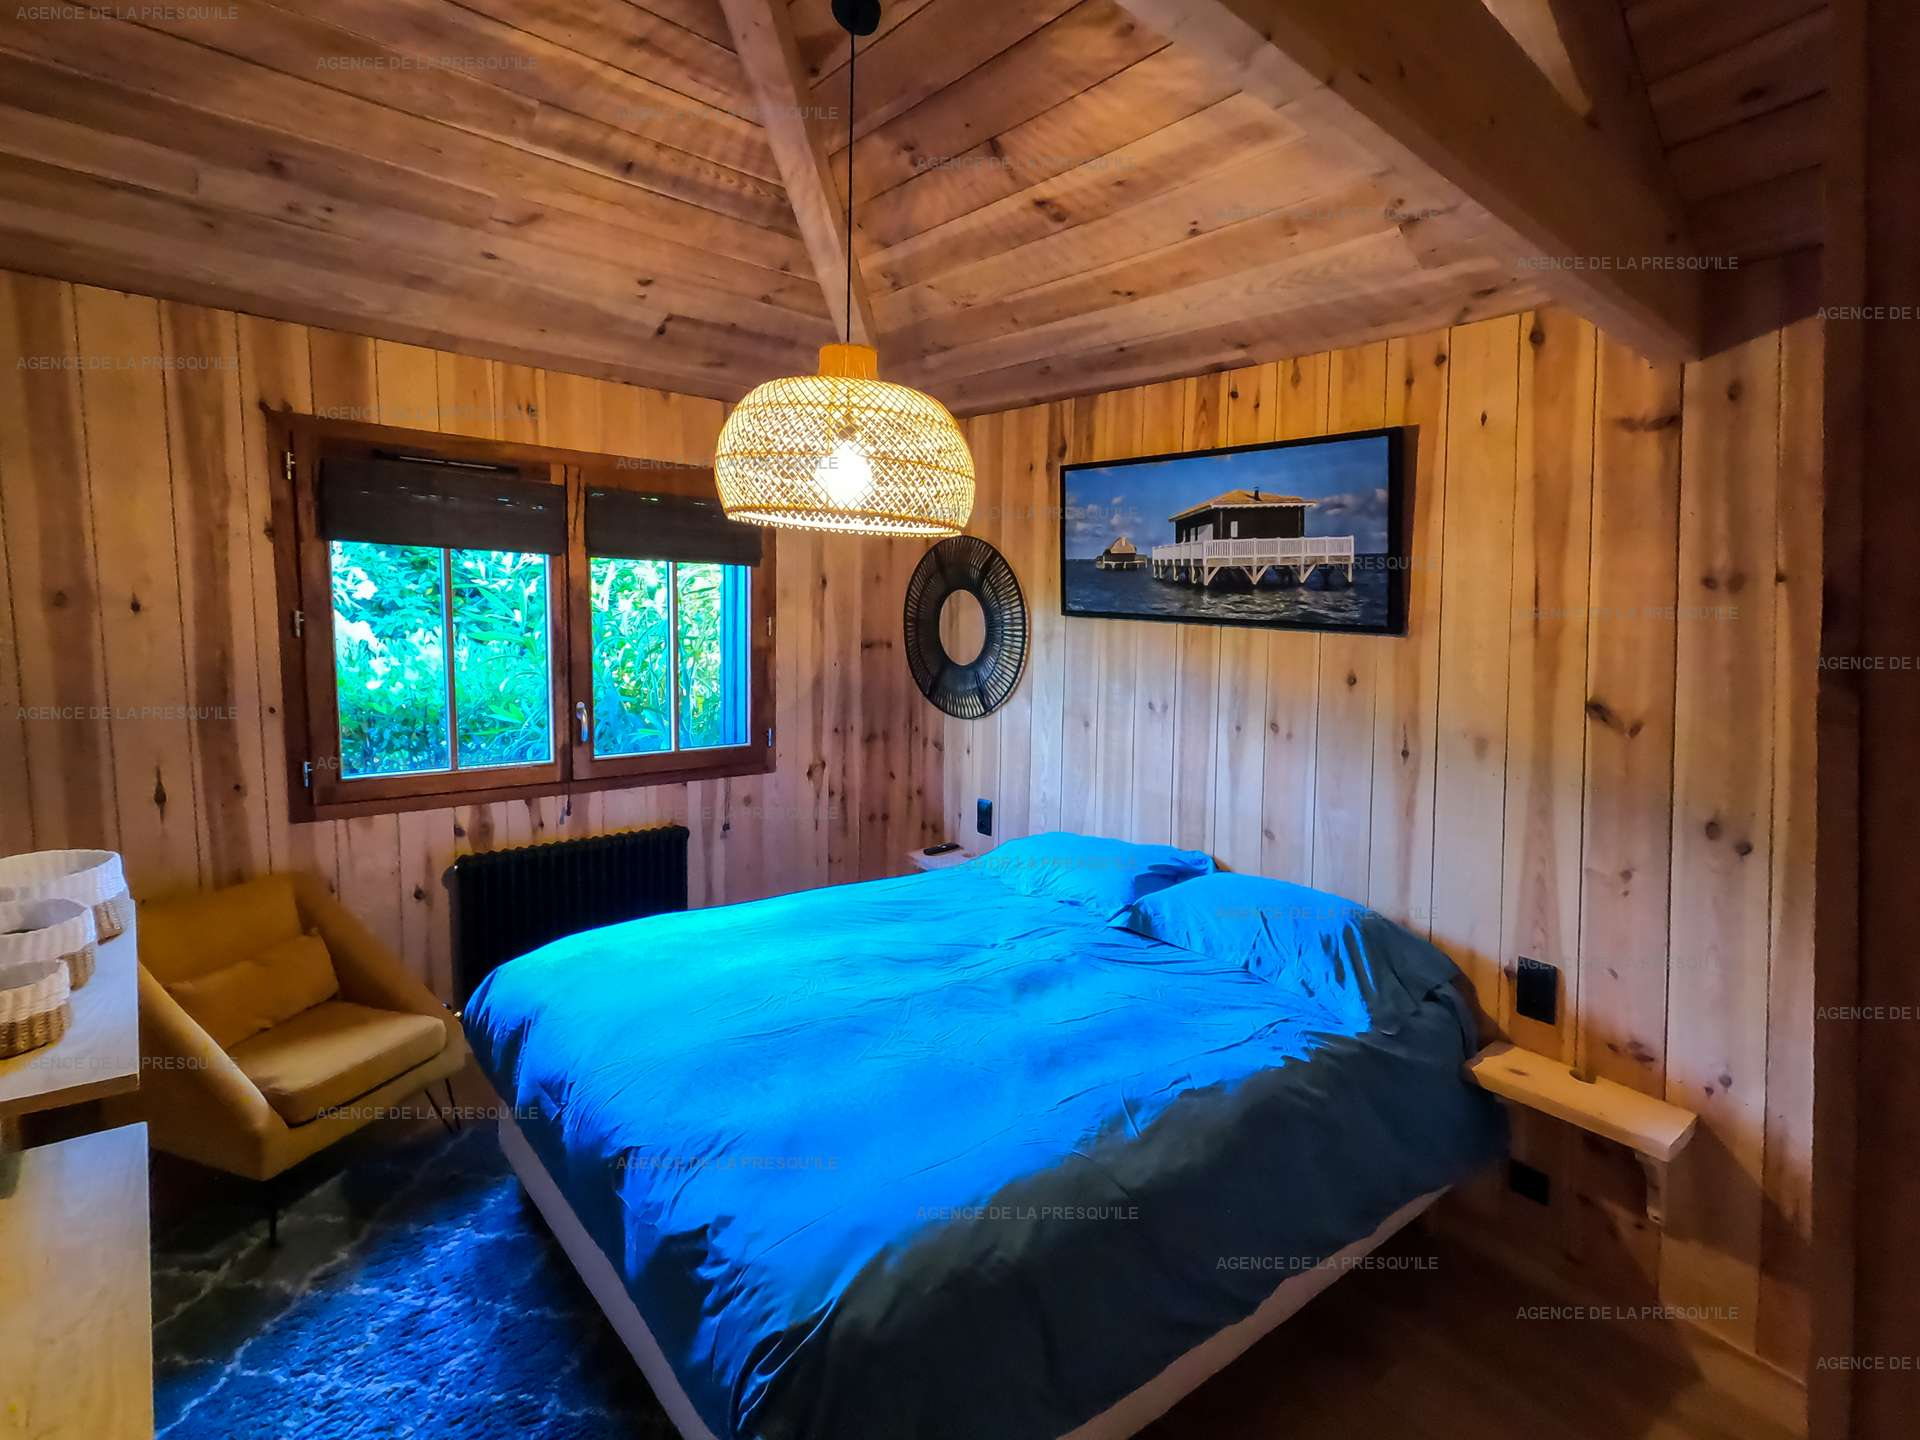 Location: Séduisante villa en bois neuve avec piscine 11